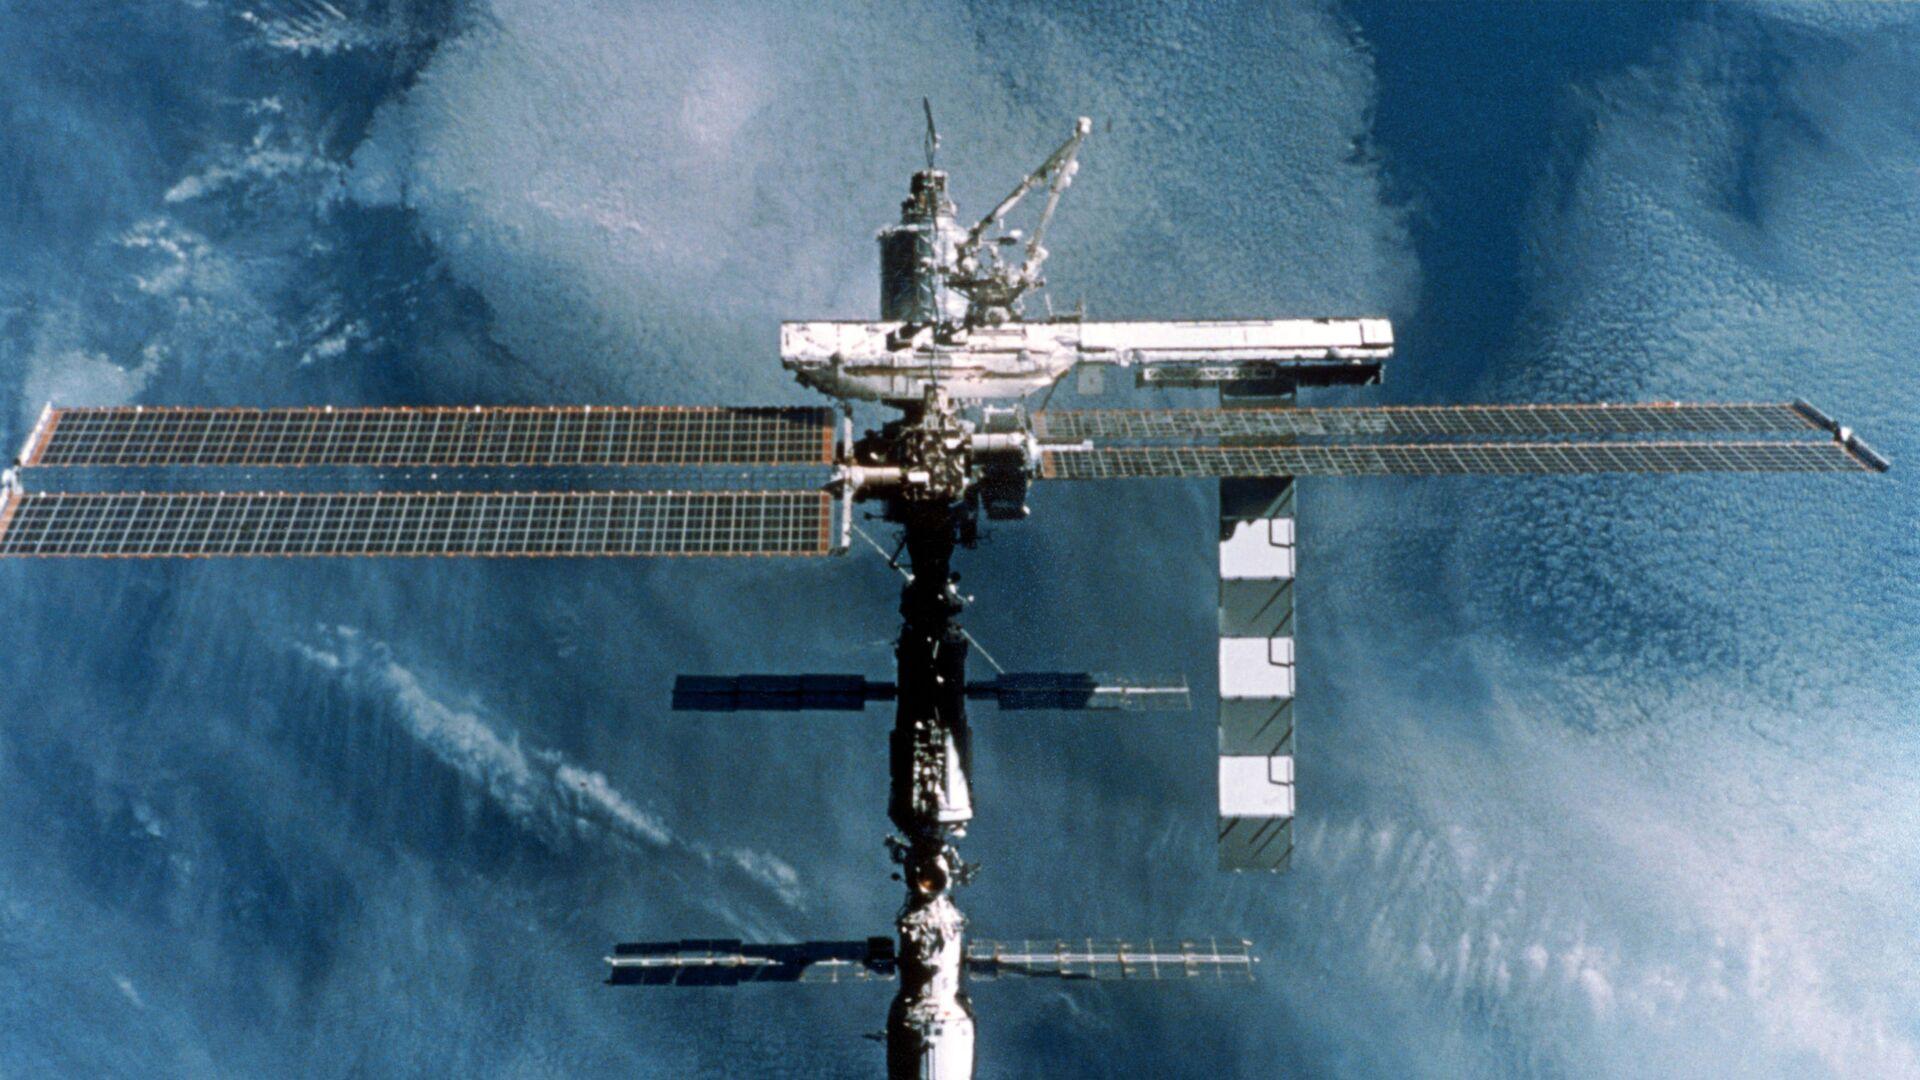 Международная космическая станция (МКС) в полете - РИА Новости, 1920, 18.04.2021